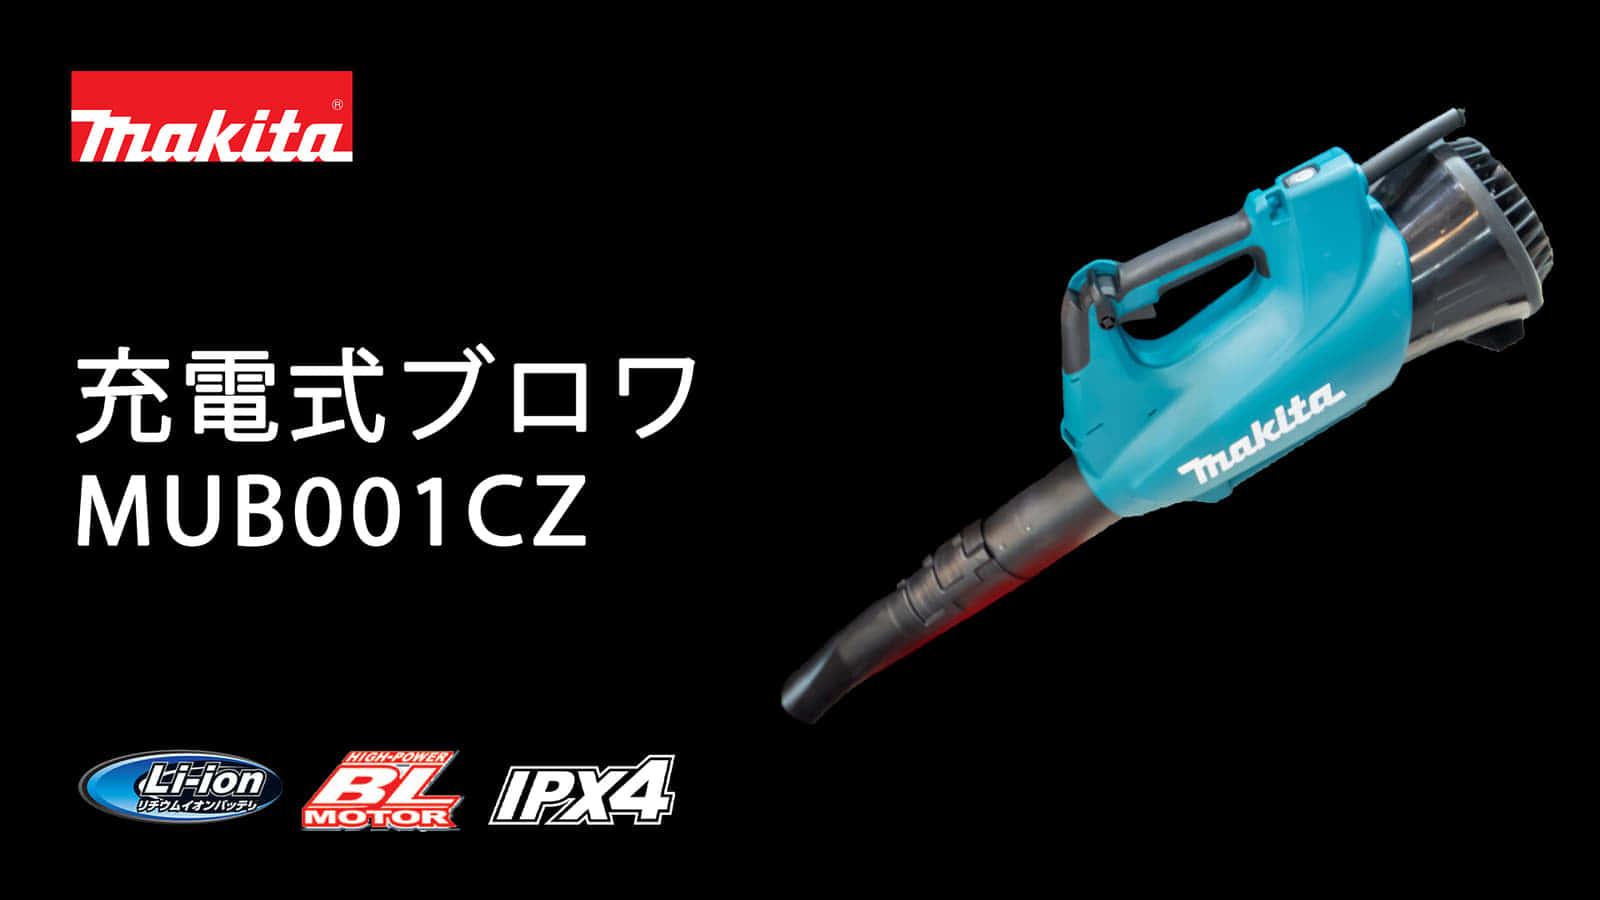 マキタ 充電式ブロワMUB001CZを発表、コネクタ接続専用の高出力園芸ブロワ